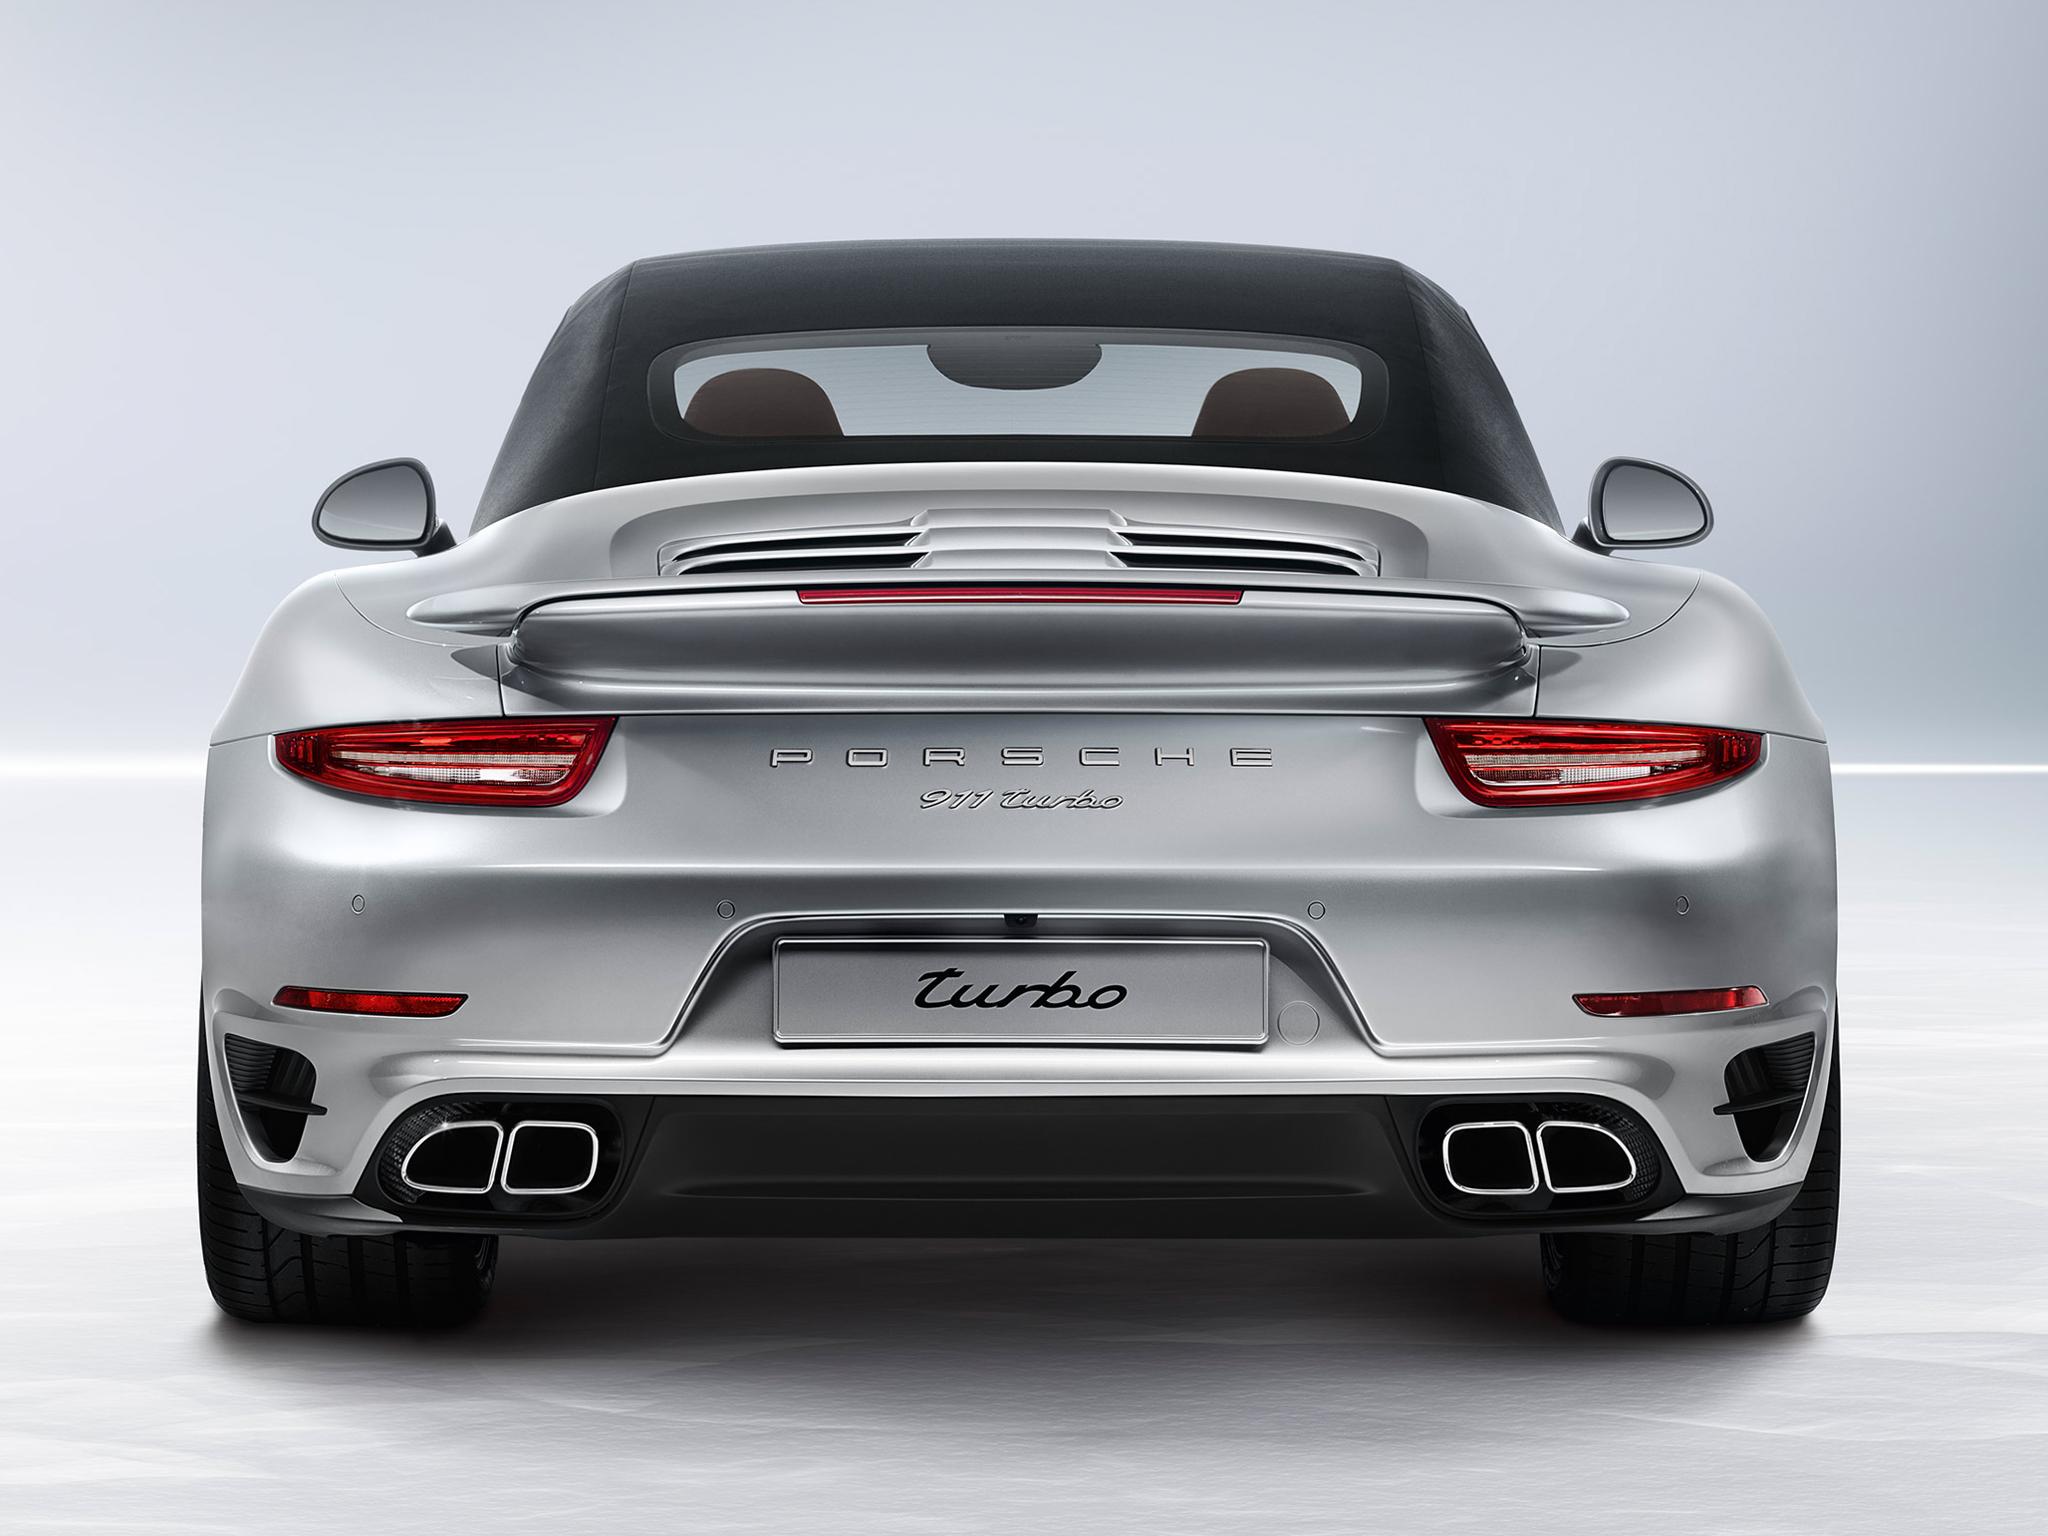 2014 porsche 911 turbo cabriolet 991 g wallpaper 2048x1536 168719 wallpaperup - Porsche 911 Turbo 2014 Wallpaper